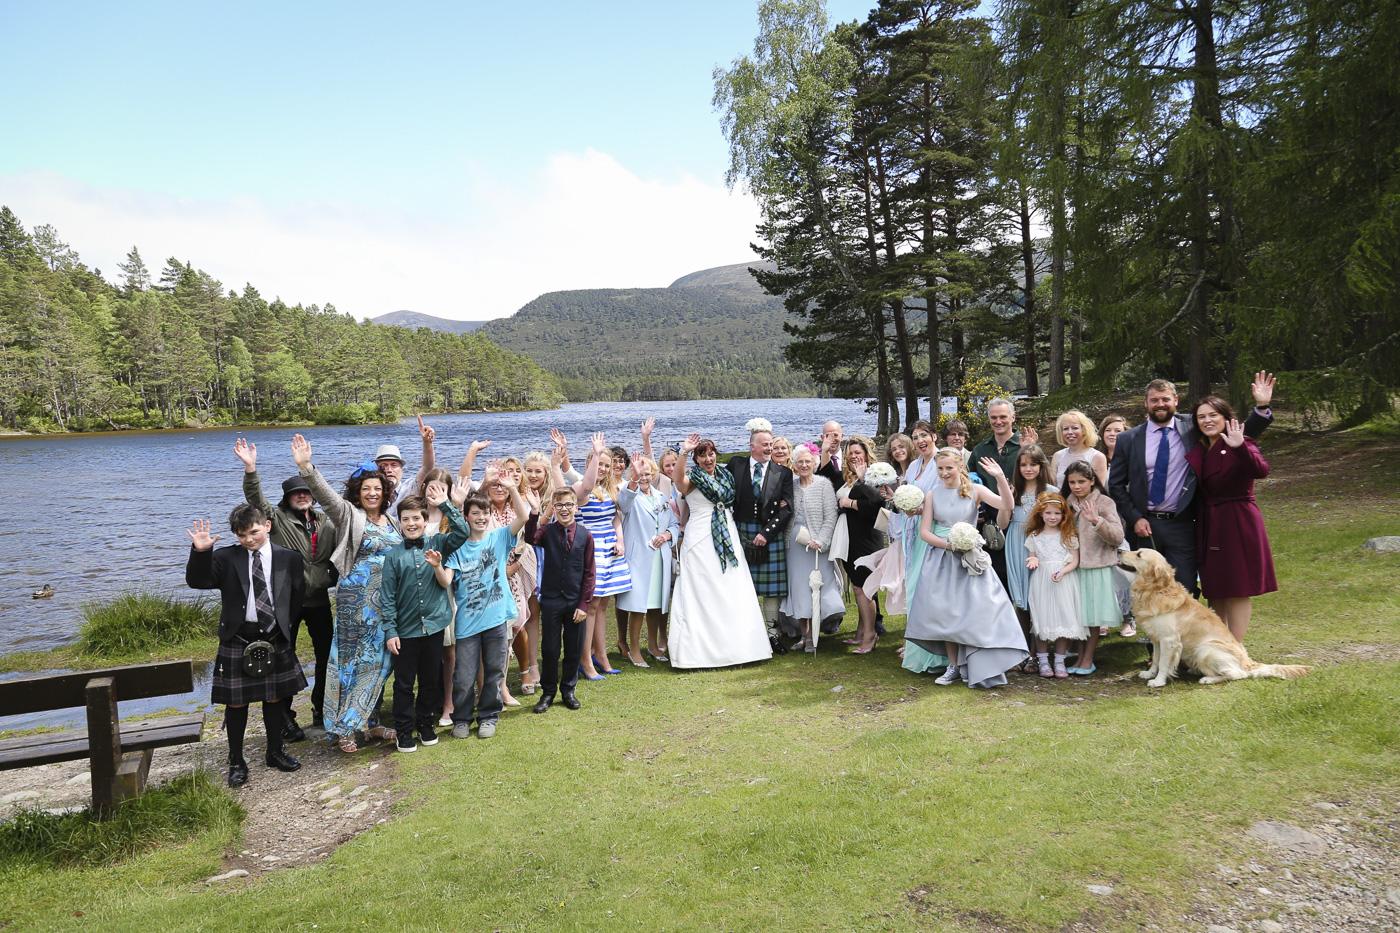 wedding photography at Loch an Eilein, Rothiemurchus-4083